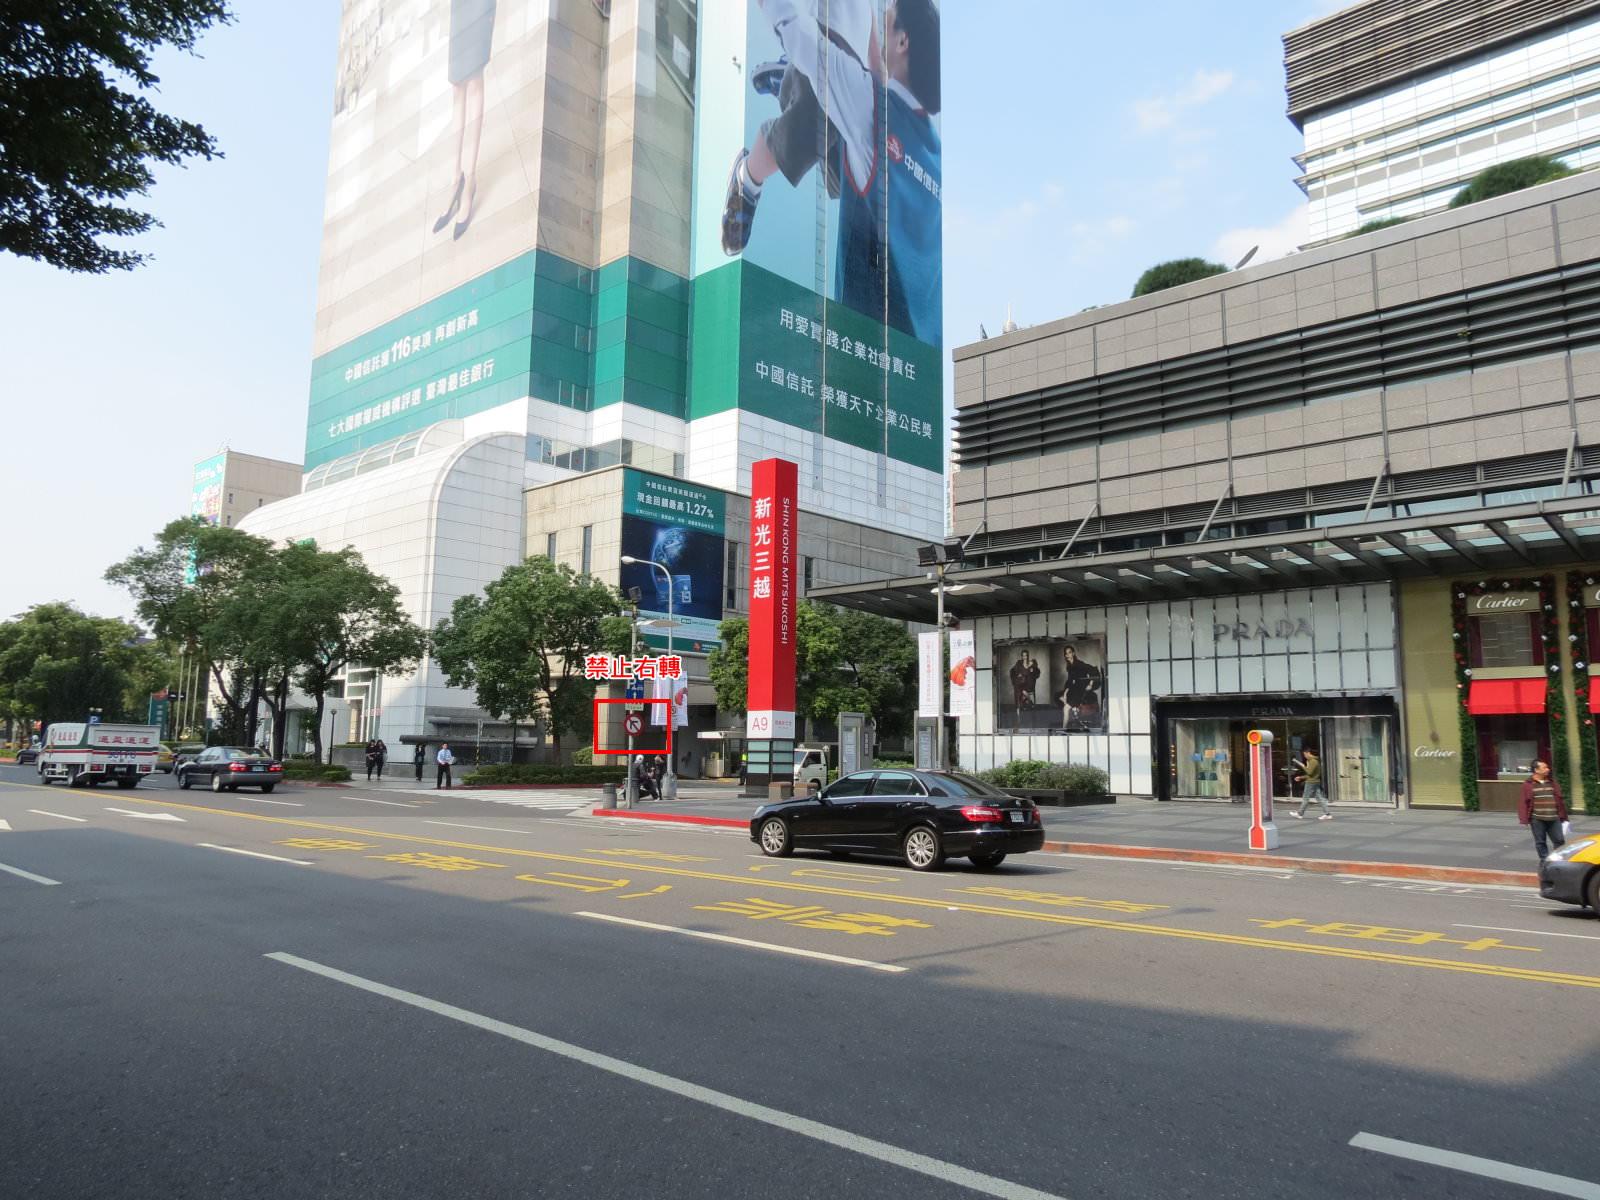 臺北信義威秀影城:交通‧停車場‧商圈‧美食‧景點 - 闕小豪